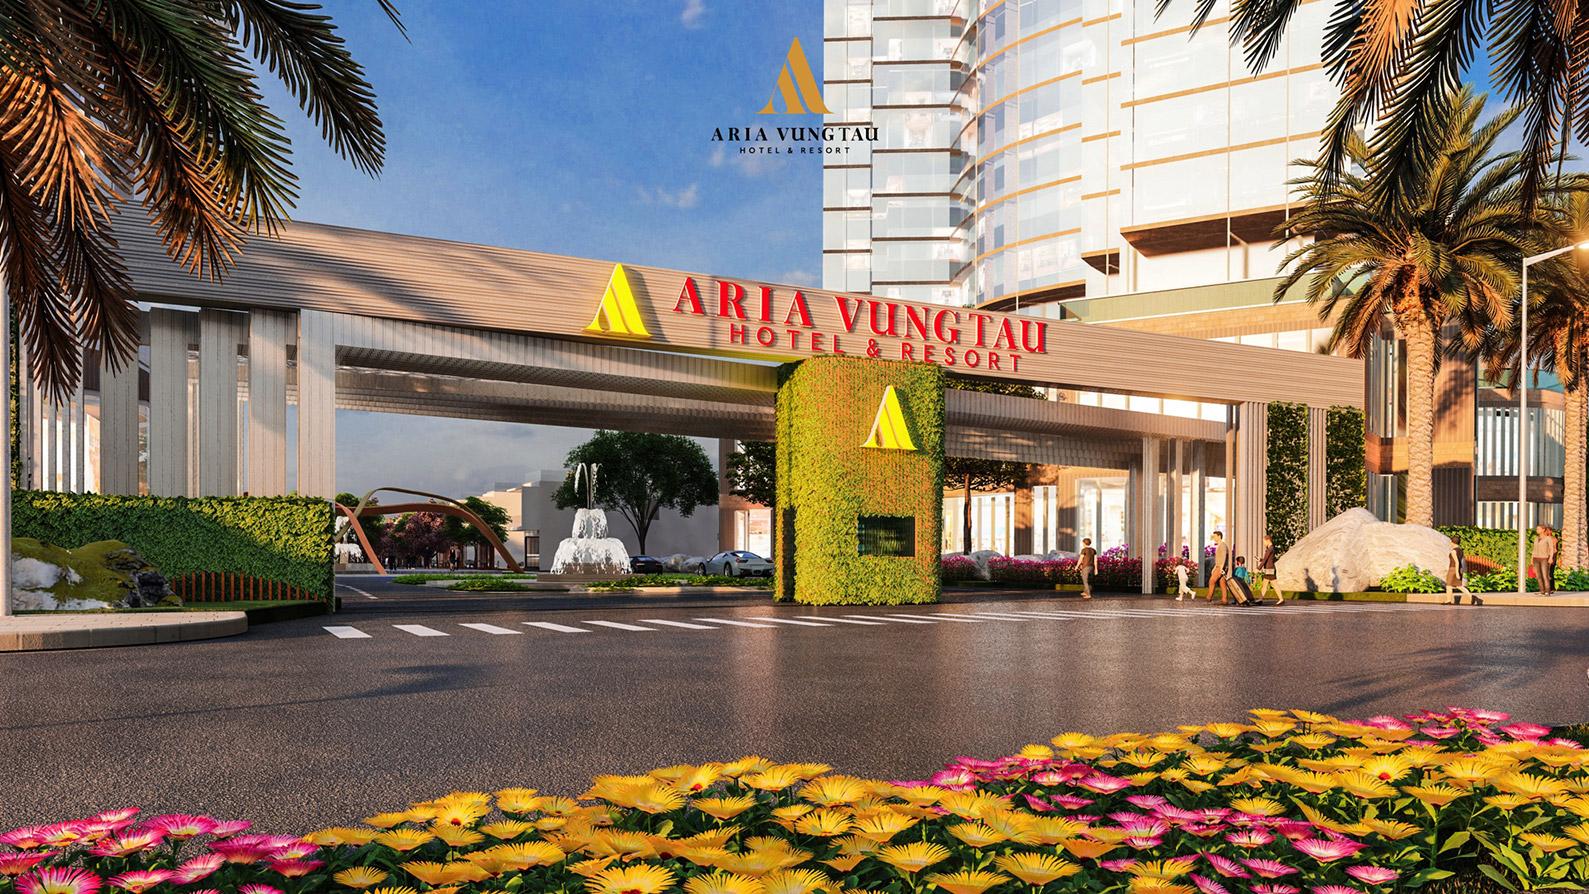 Aria Vung Tau Hotel & Resort